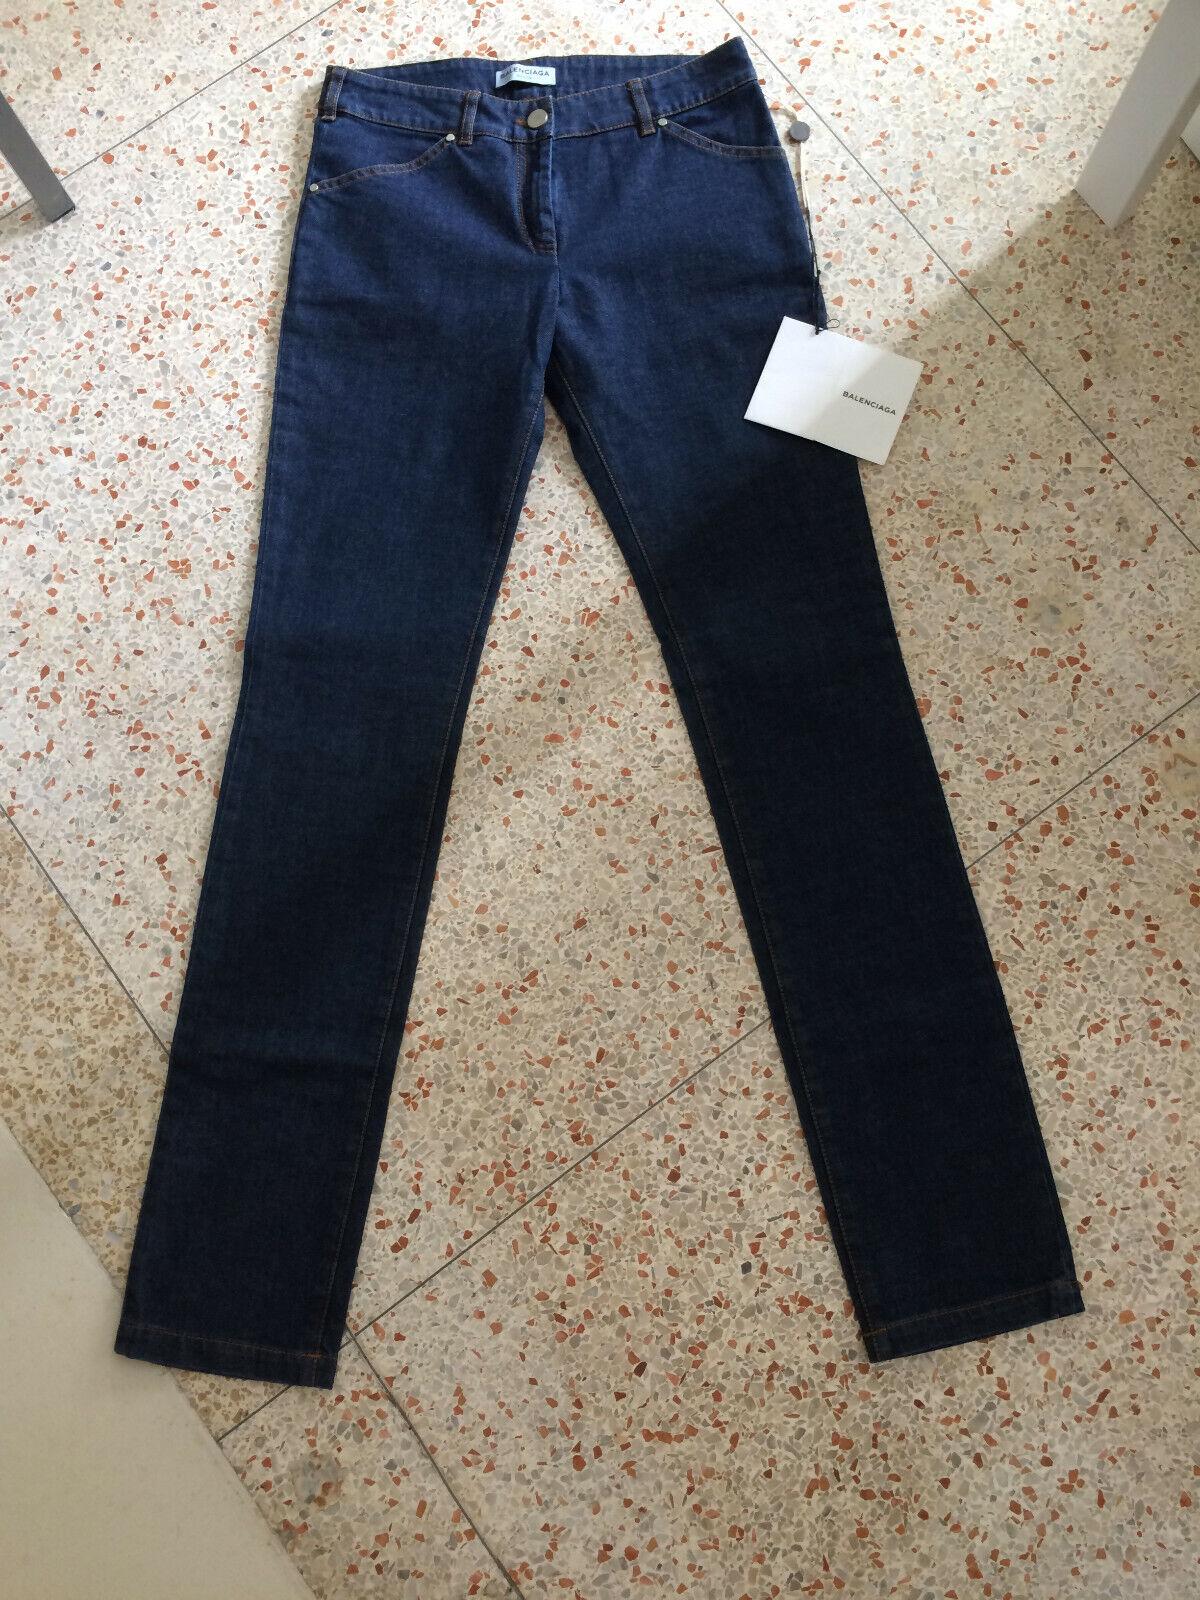 NWT - BALENCIAGA Skinny leg dark Jeans Sz FR36 US4